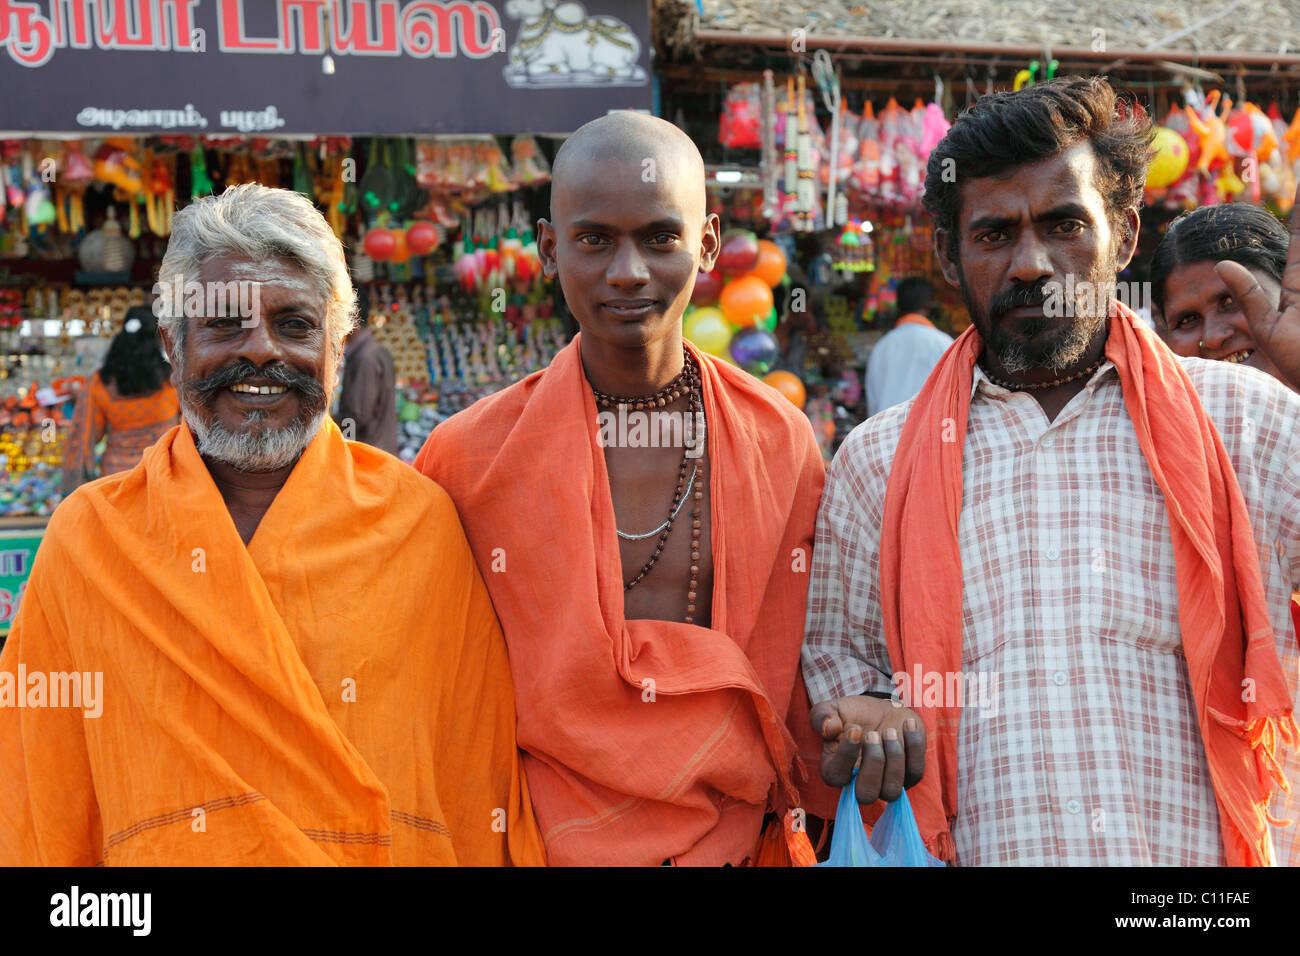 Les hommes de trois générations, Festival Thaipusam, fête hindoue, Palani, Tamil Nadu, Tamilnadu, Photo Stock